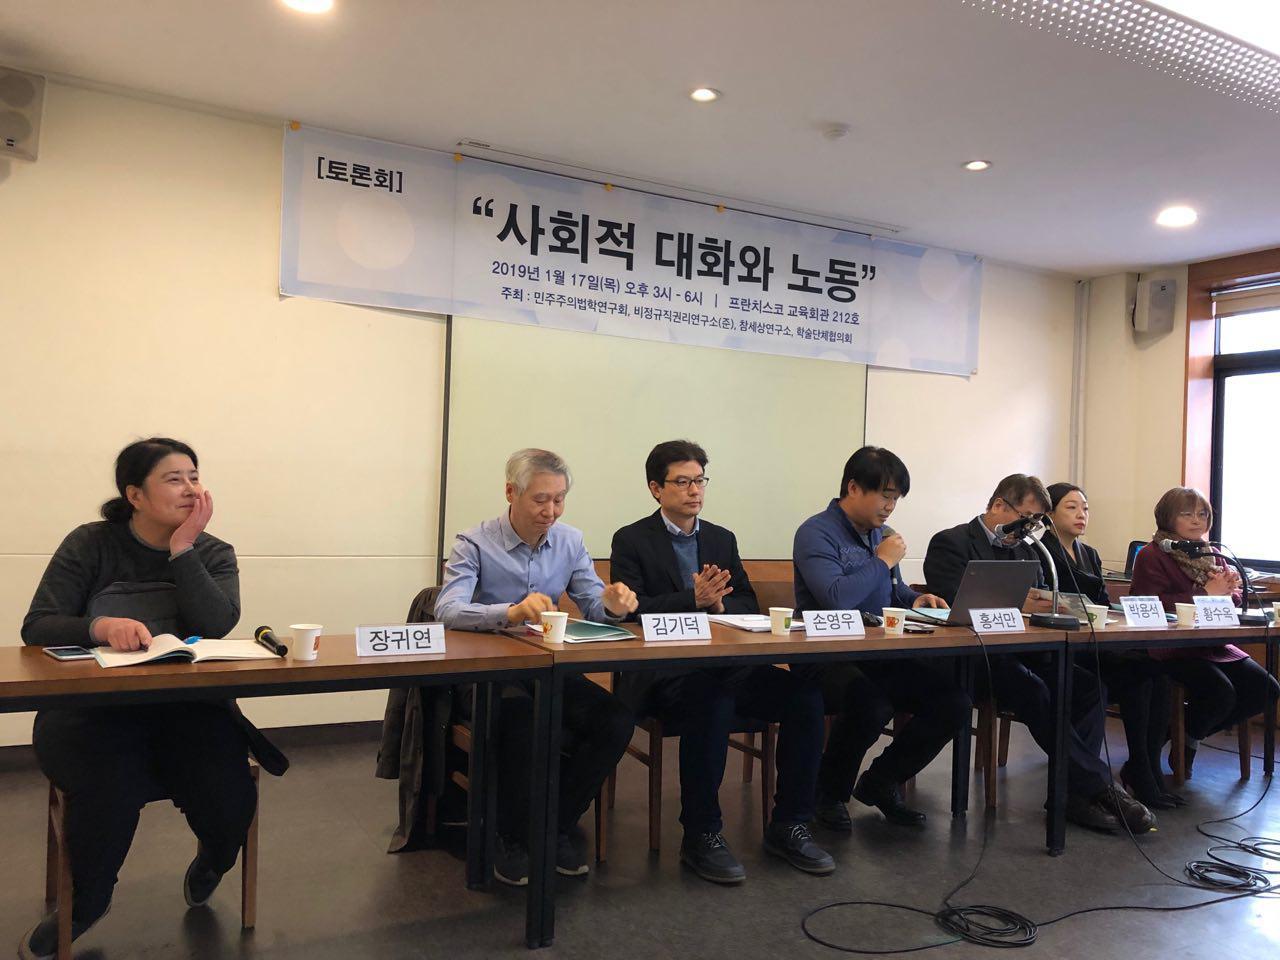 1 2019.1.17. '사회적 대화와 노동' 토론회 현장 [출처 철폐연대].jpg